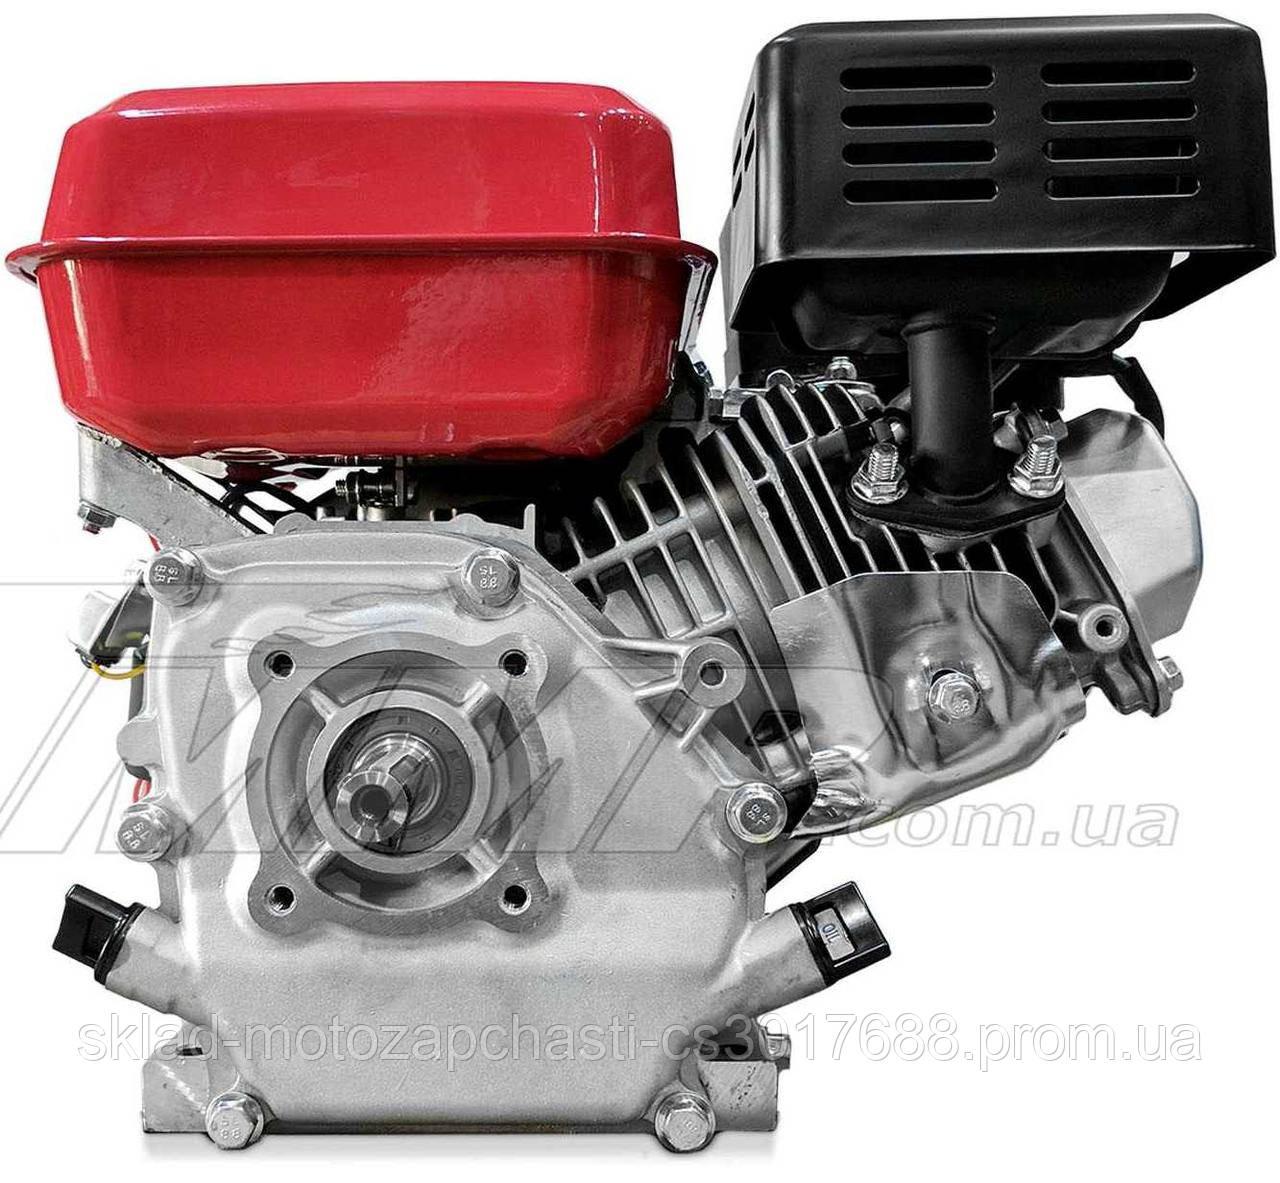 Двигун 170F d=25mm під шліц (7,5 HP, датчик масла , паперовий фільтр)